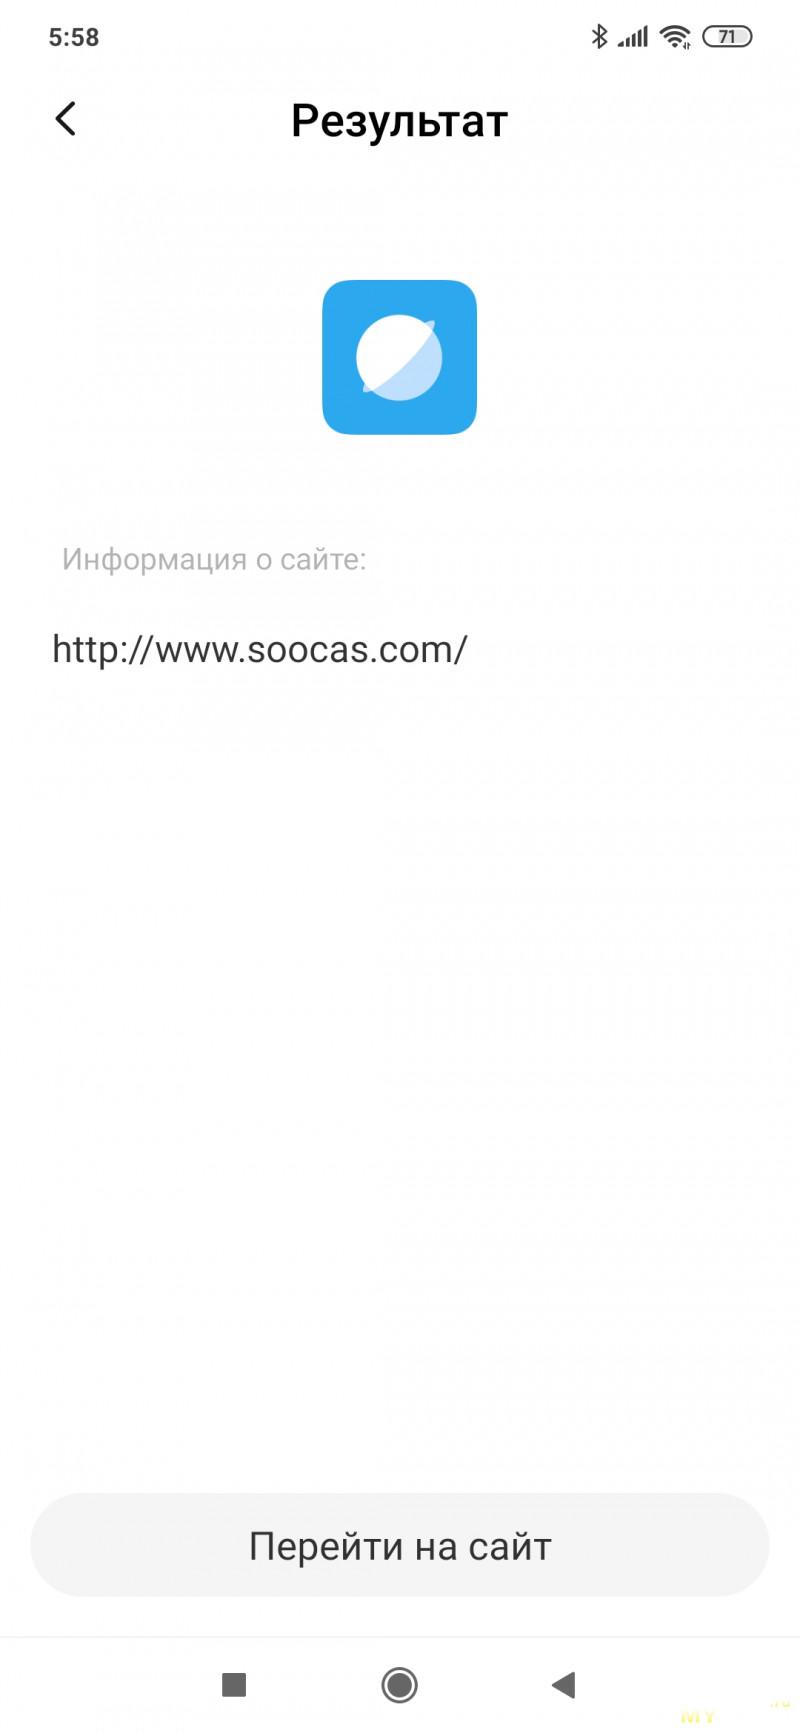 Звуковая зубная щётка Xiaomi Soocas V1 (USB Type-C, 800mAh, 60 дней от одного заряда)